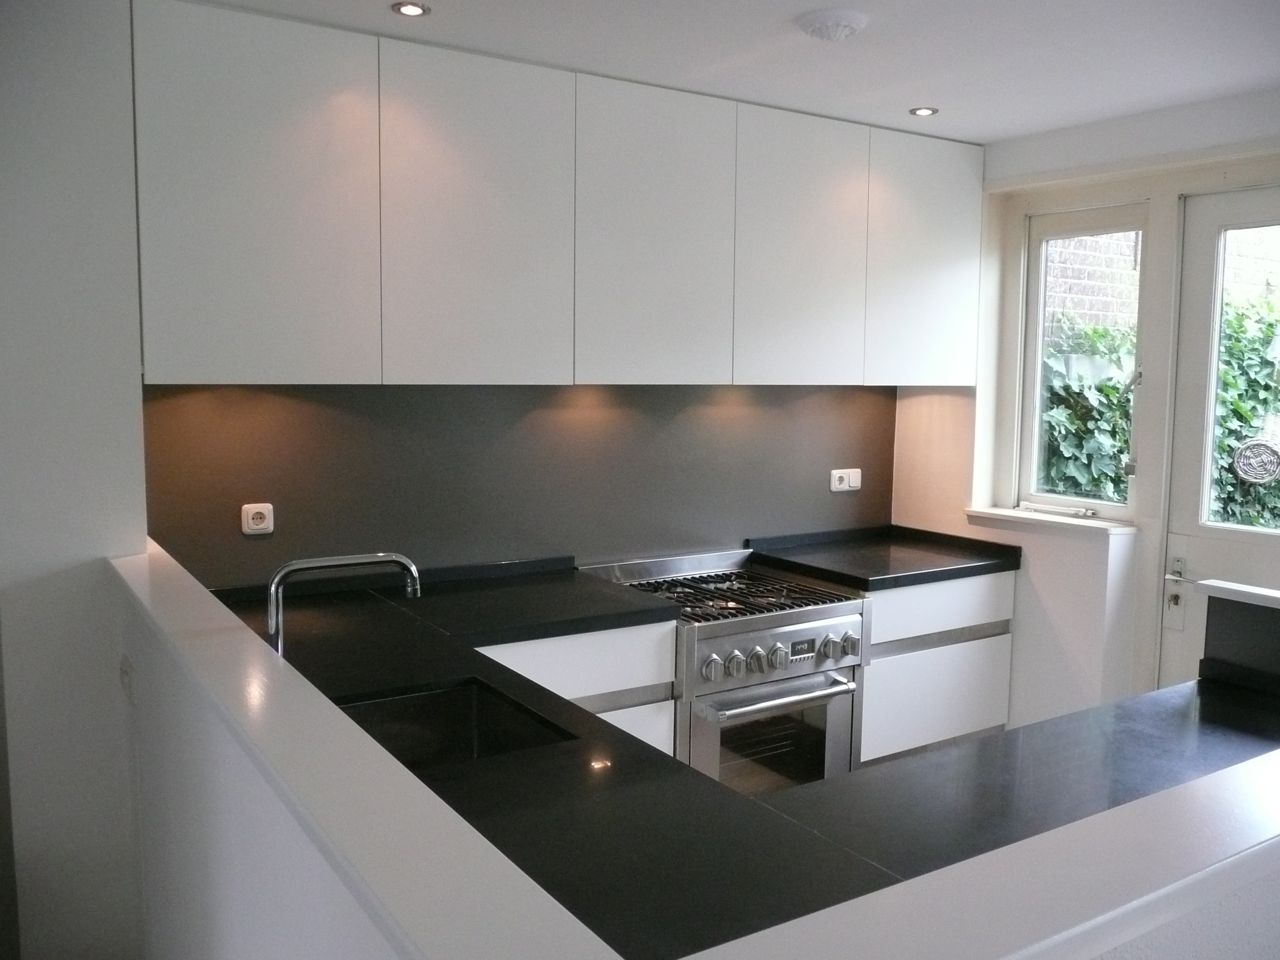 Keukens Waalwijk: Nieuw riverdale keukens by tieleman houten in ...